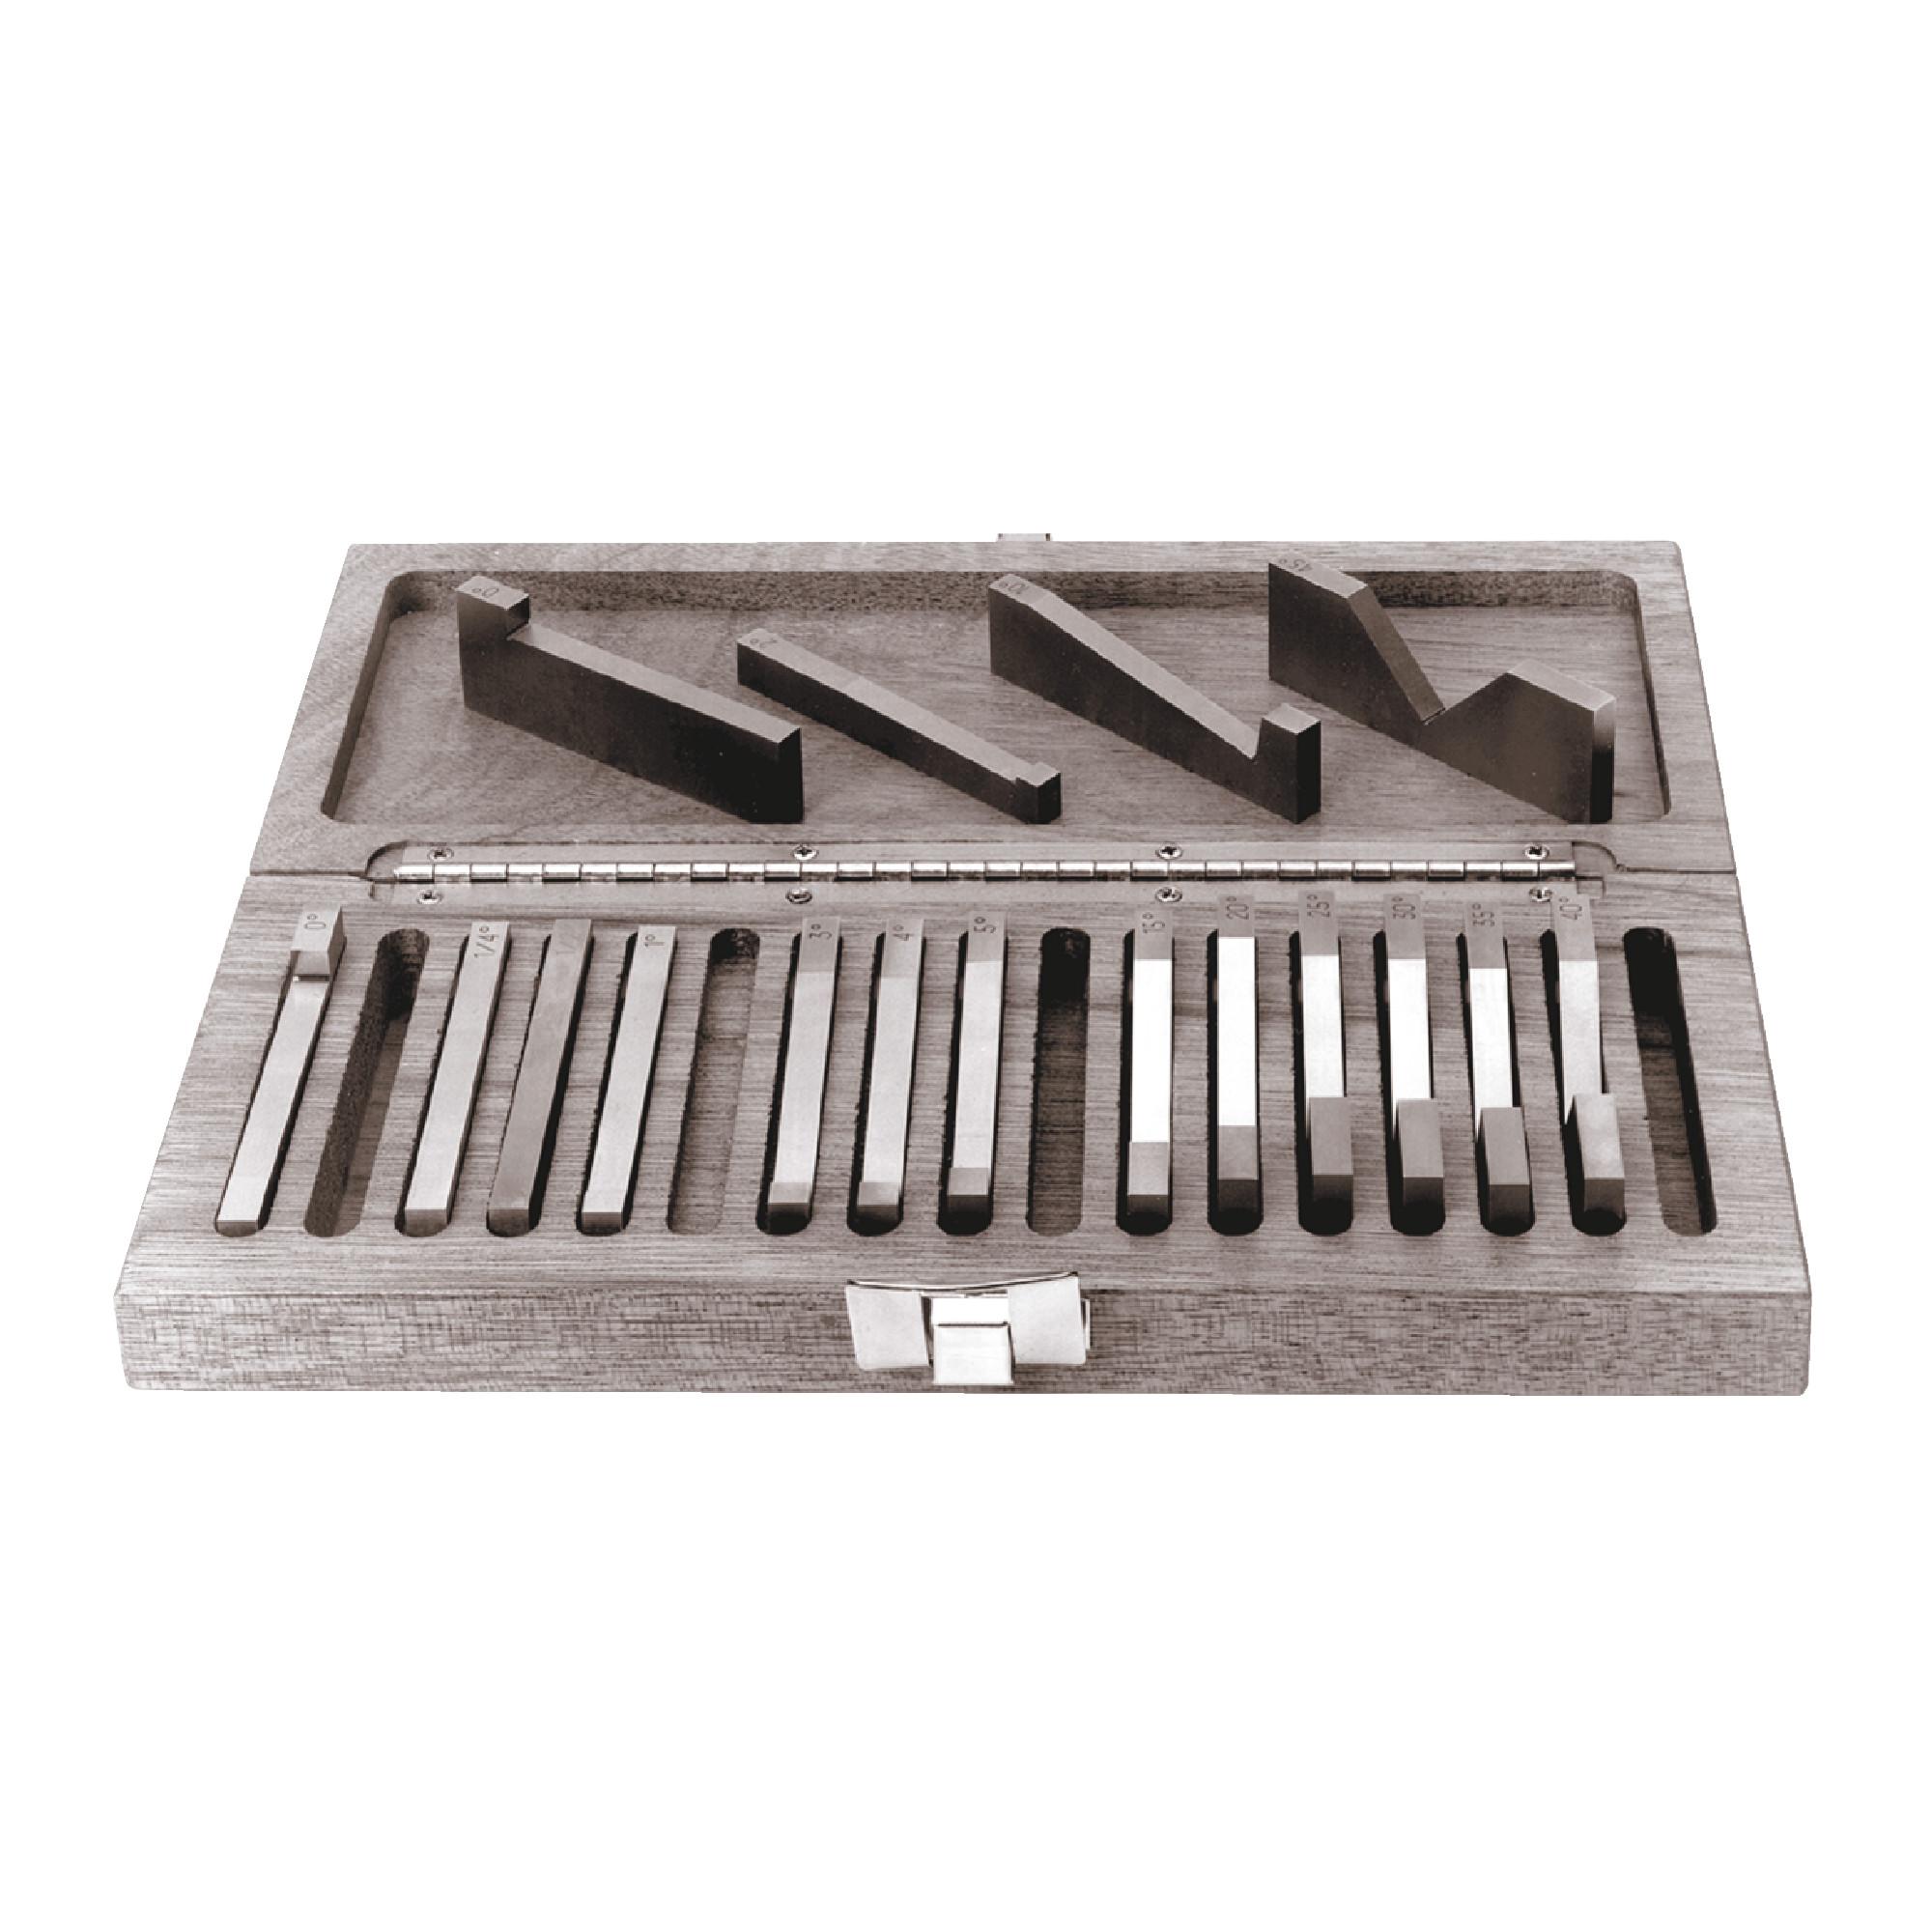 17 Piece Precision Angle Block Sets